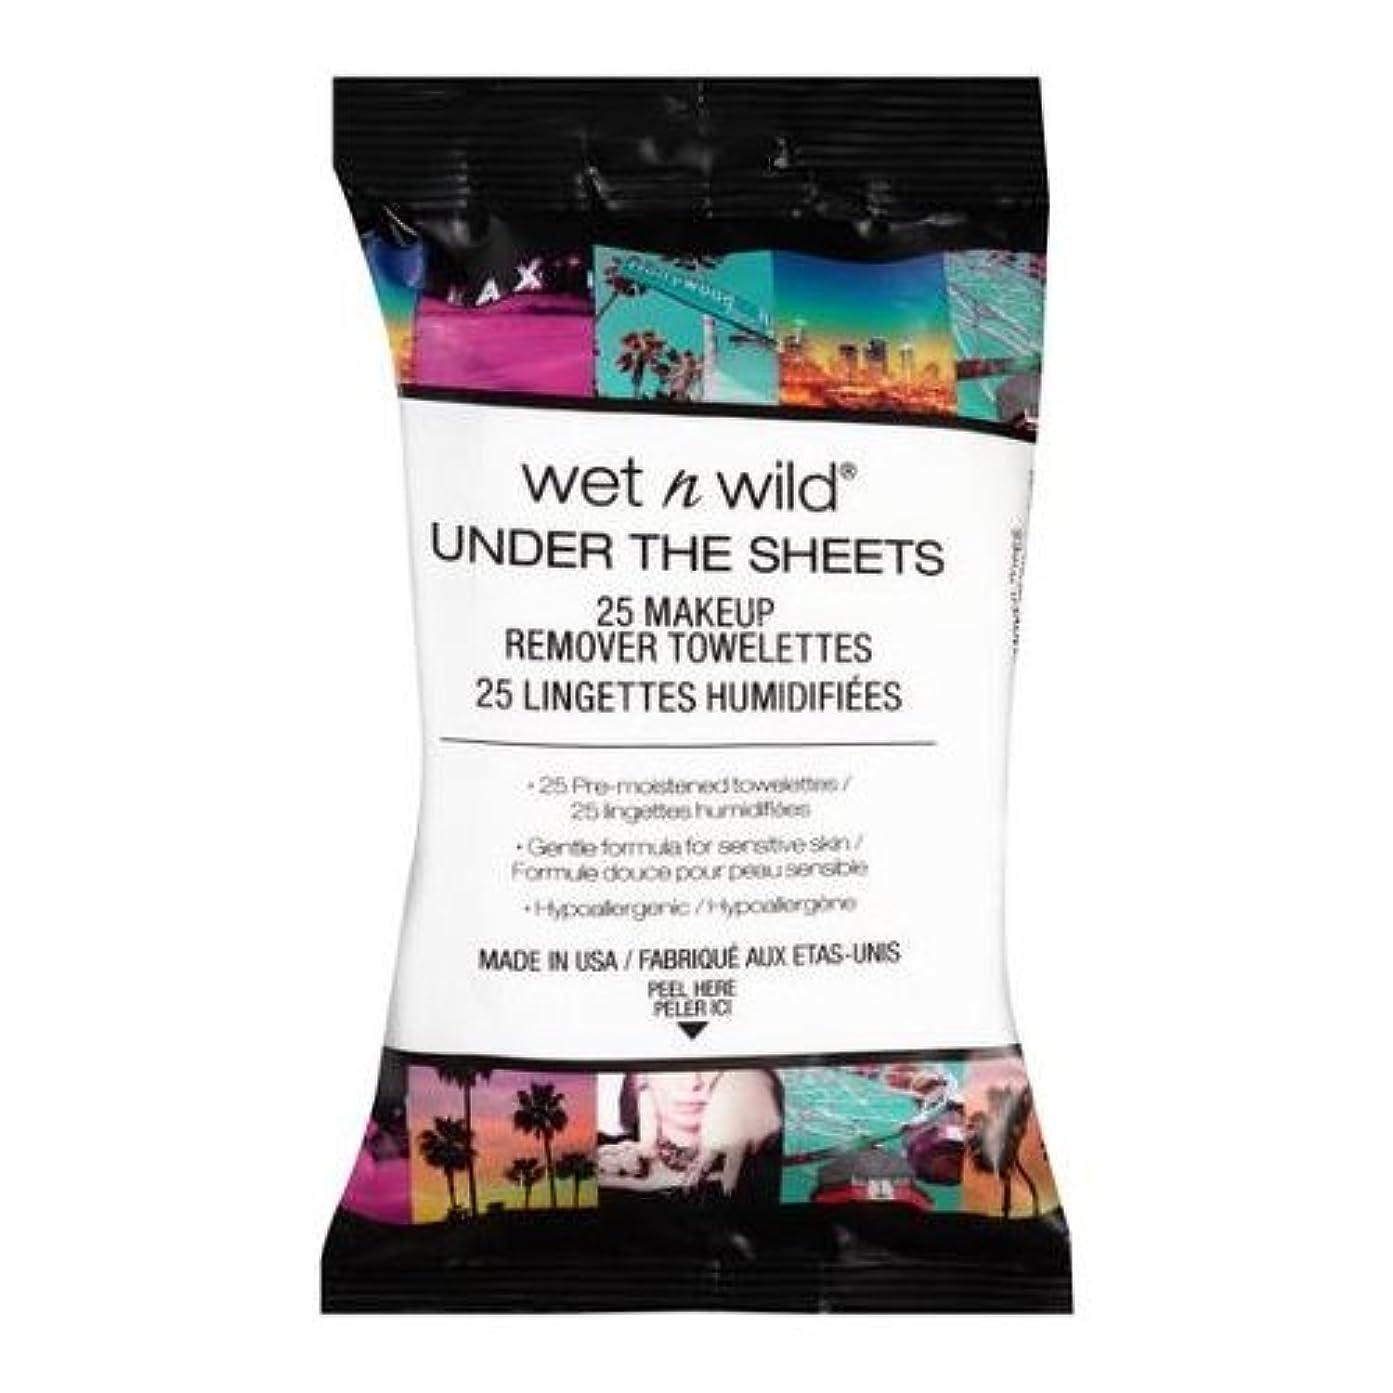 クラウド富シャイ(3 Pack) WET N WILD Under the Sheets Makeup Remover Wipes - 25 Towelettes (並行輸入品)